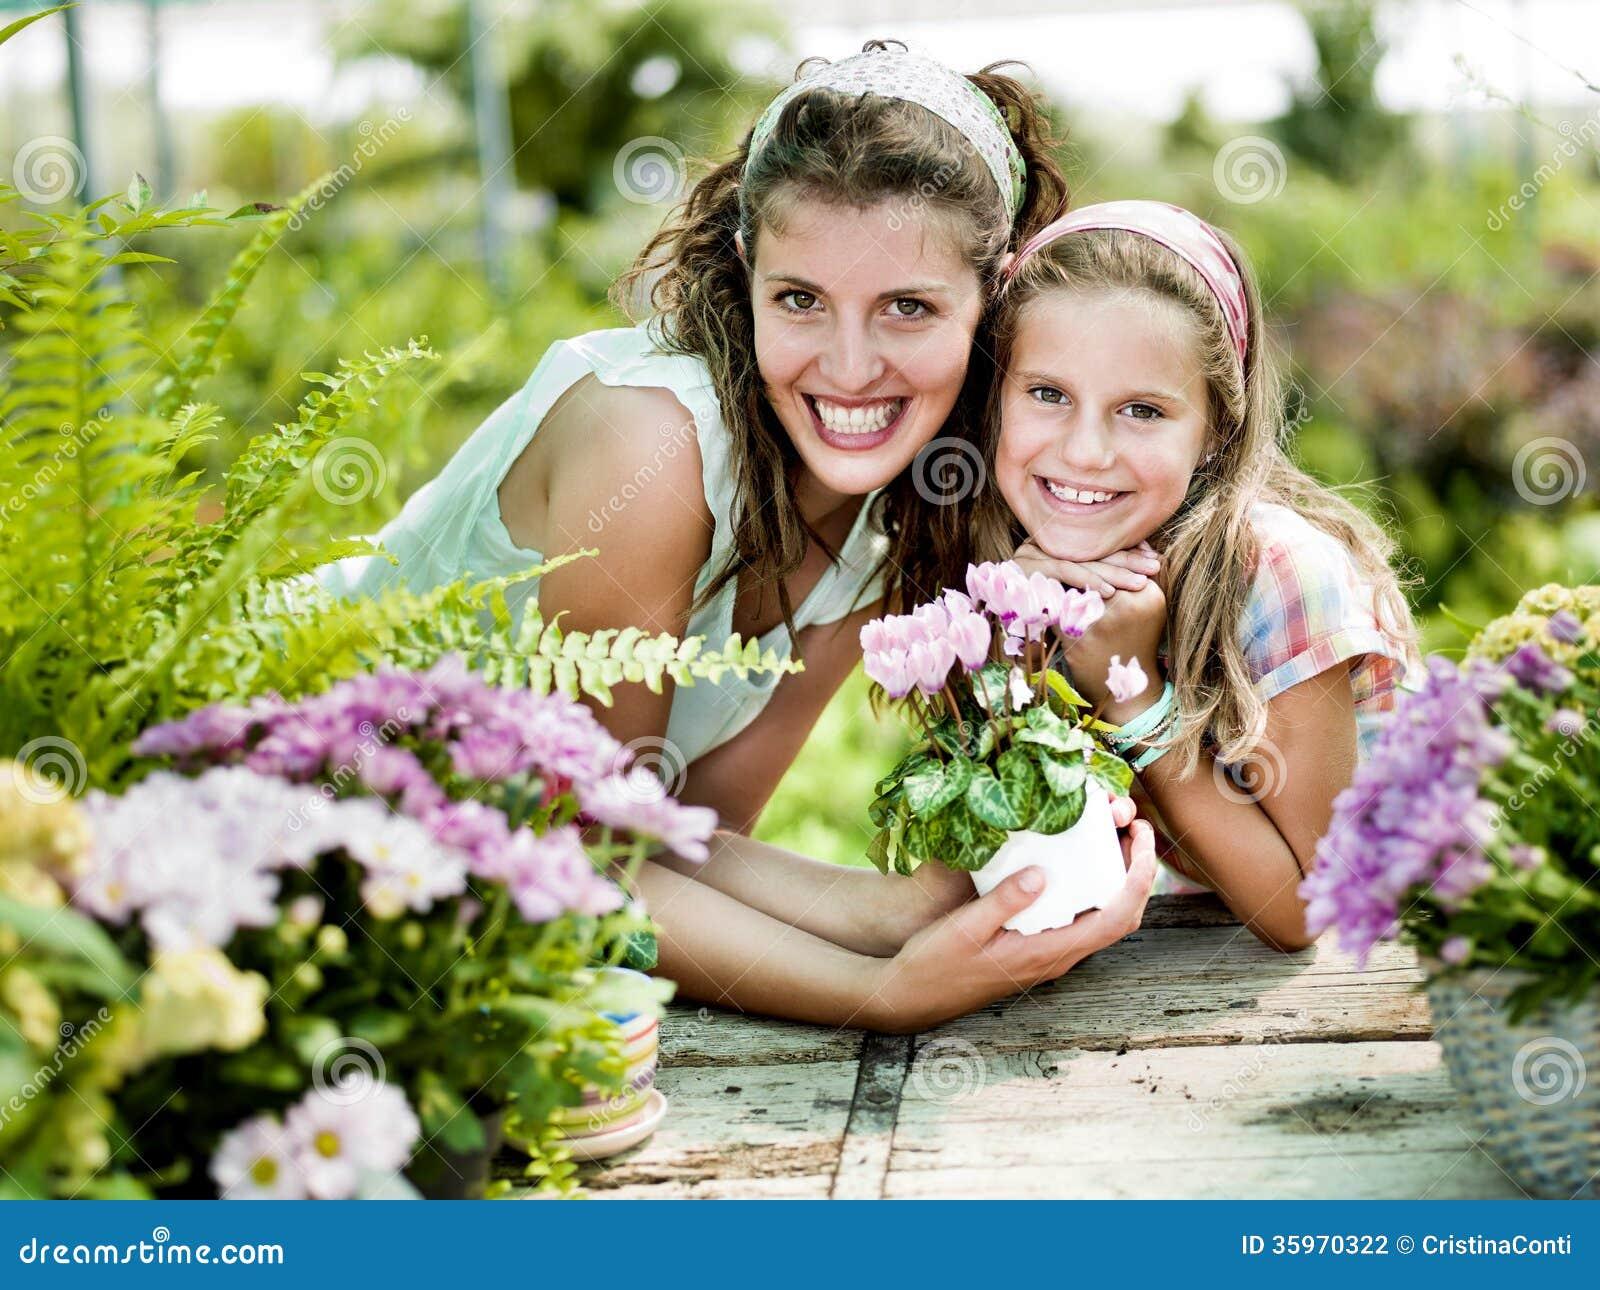 La mamá y la hija se divierten en el trabajo de cultivar un huerto